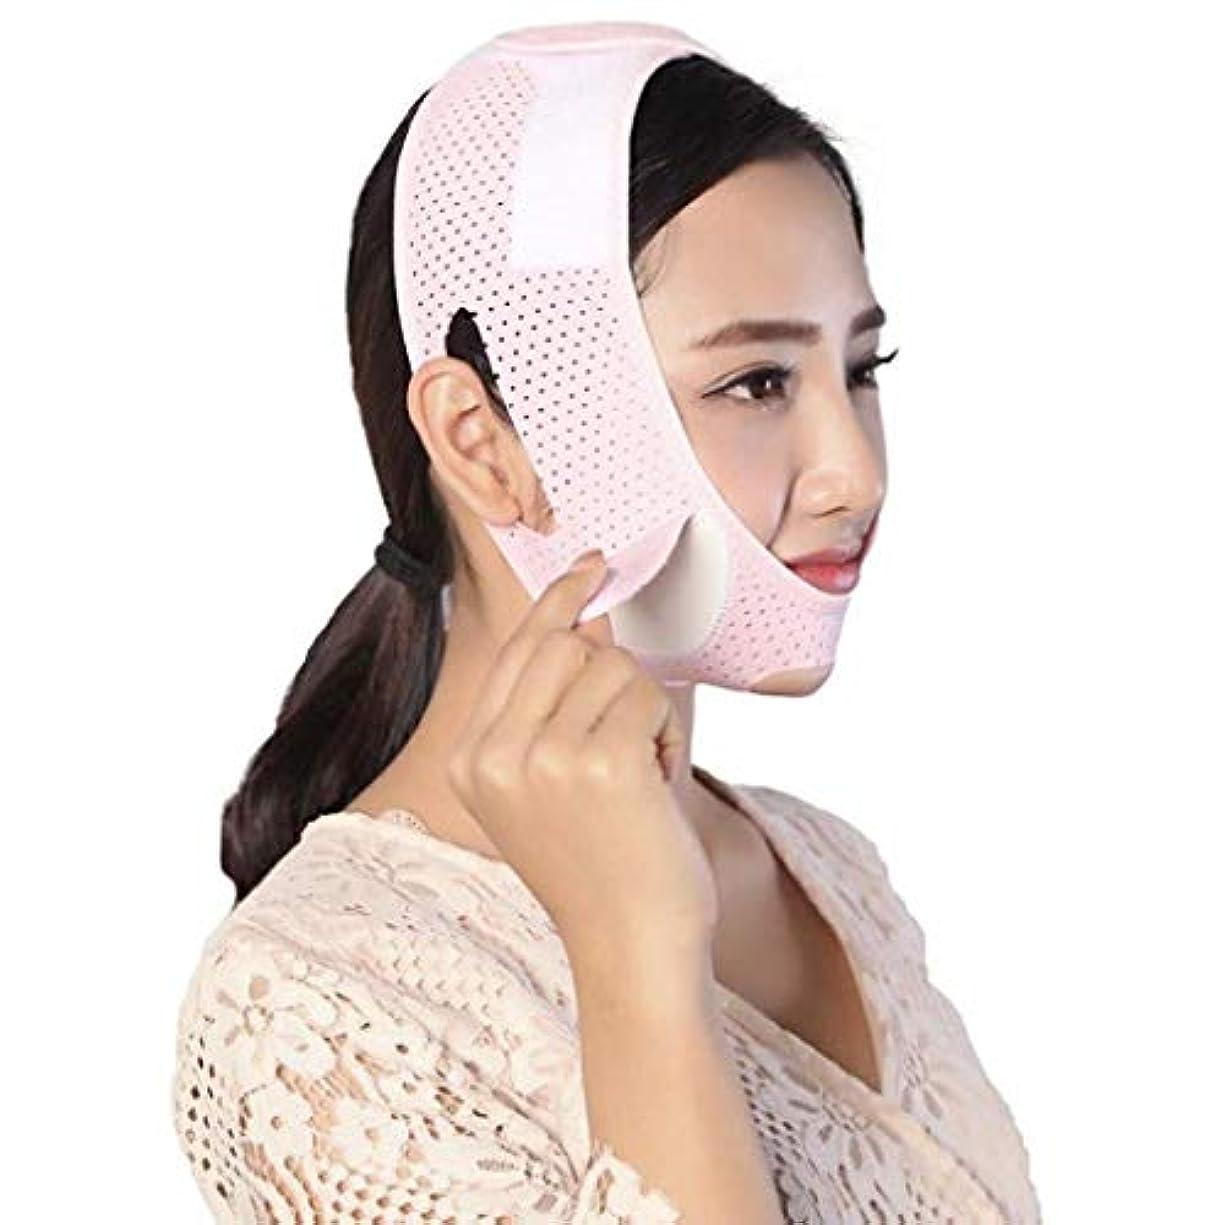 眼棚キャリッジVフェイスリフティング痩身Vフェイスマスクフルカバレッジ包帯減らす顔の二重あごケア減量美容ベルト通気性